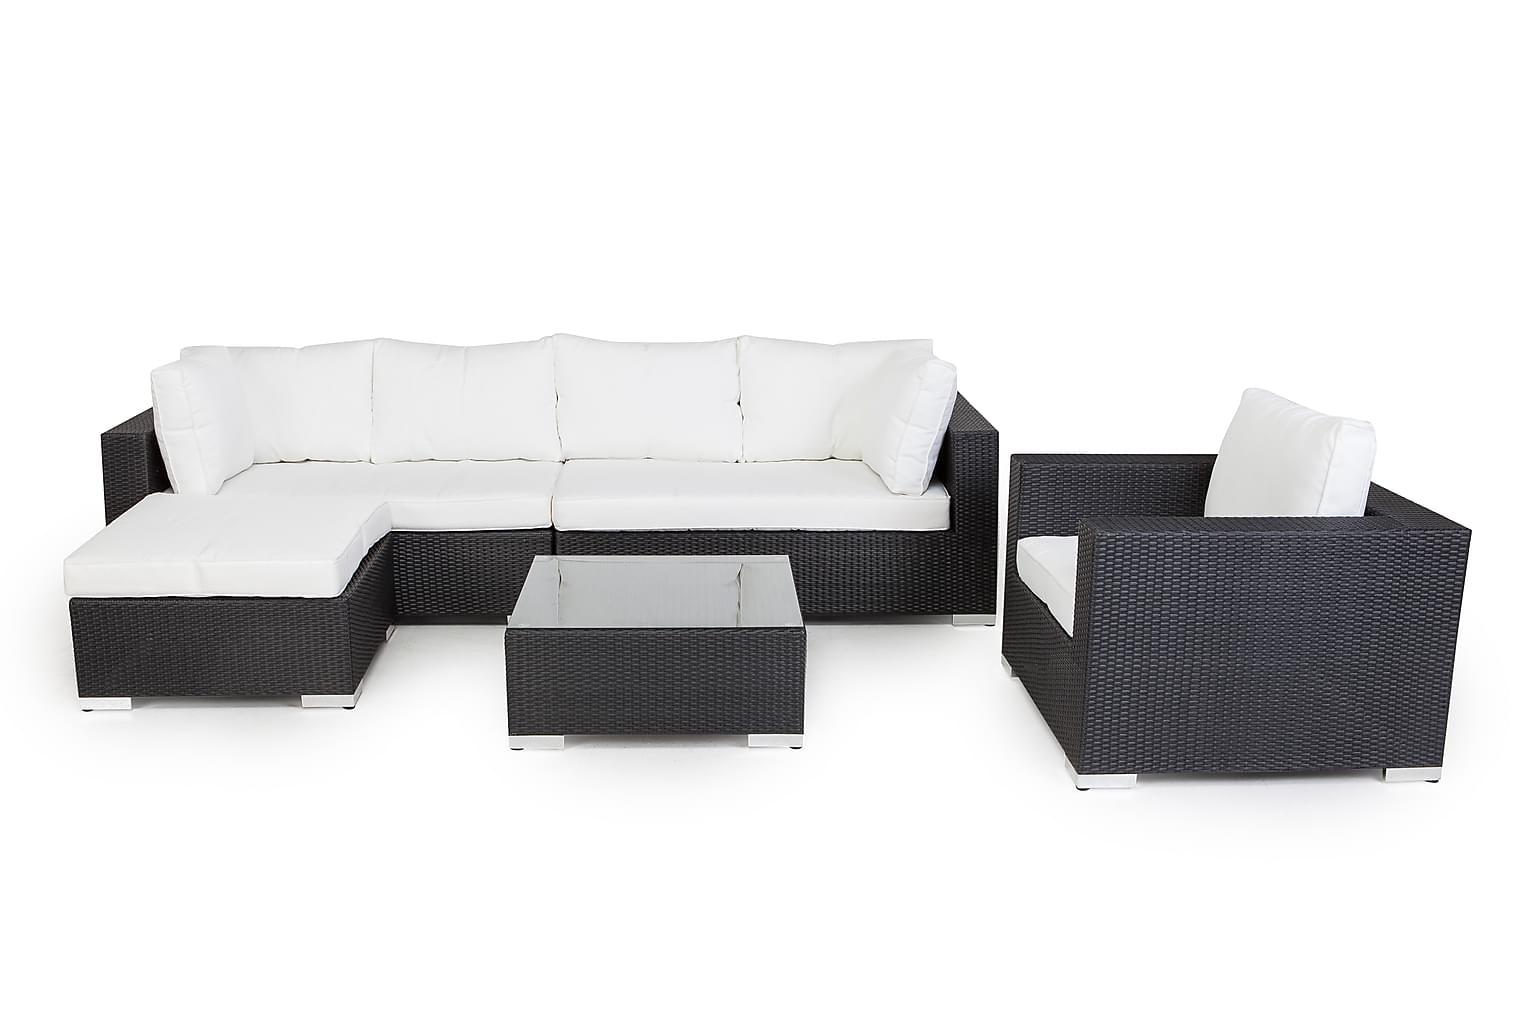 DOMINICA Sohva 4:n ist+Divaani+Pöytä+Tuoli Musta